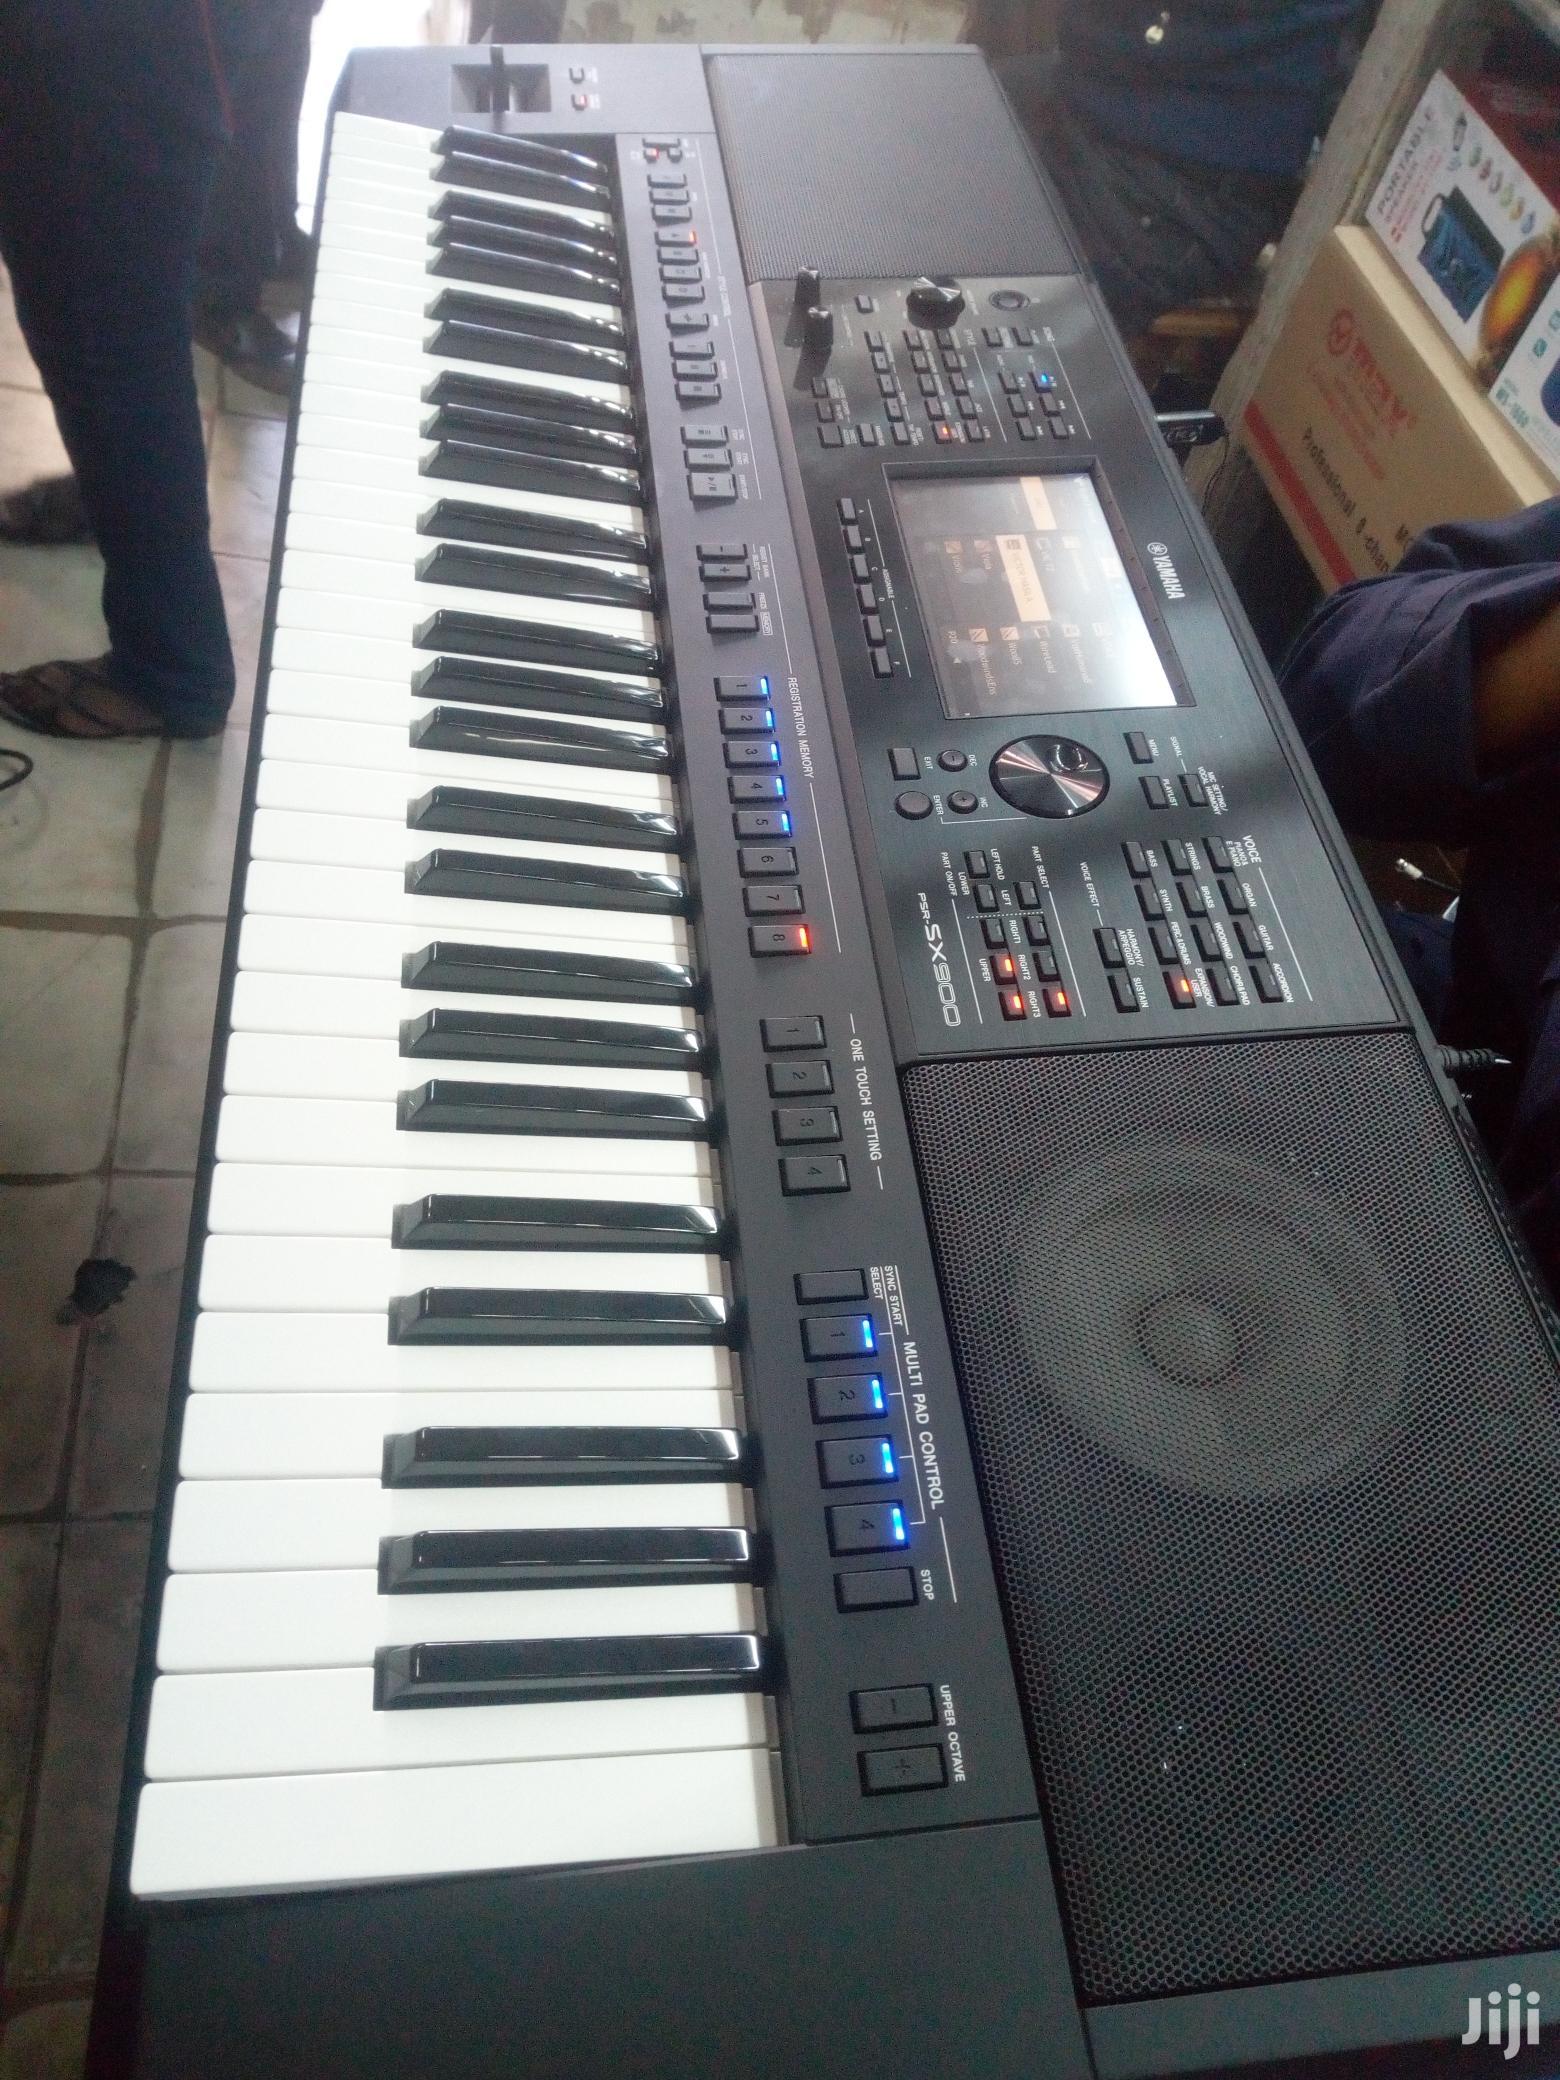 Psr-sx 900 Yamaha Keyboard | Musical Instruments & Gear for sale in Nairobi Central, Nairobi, Kenya